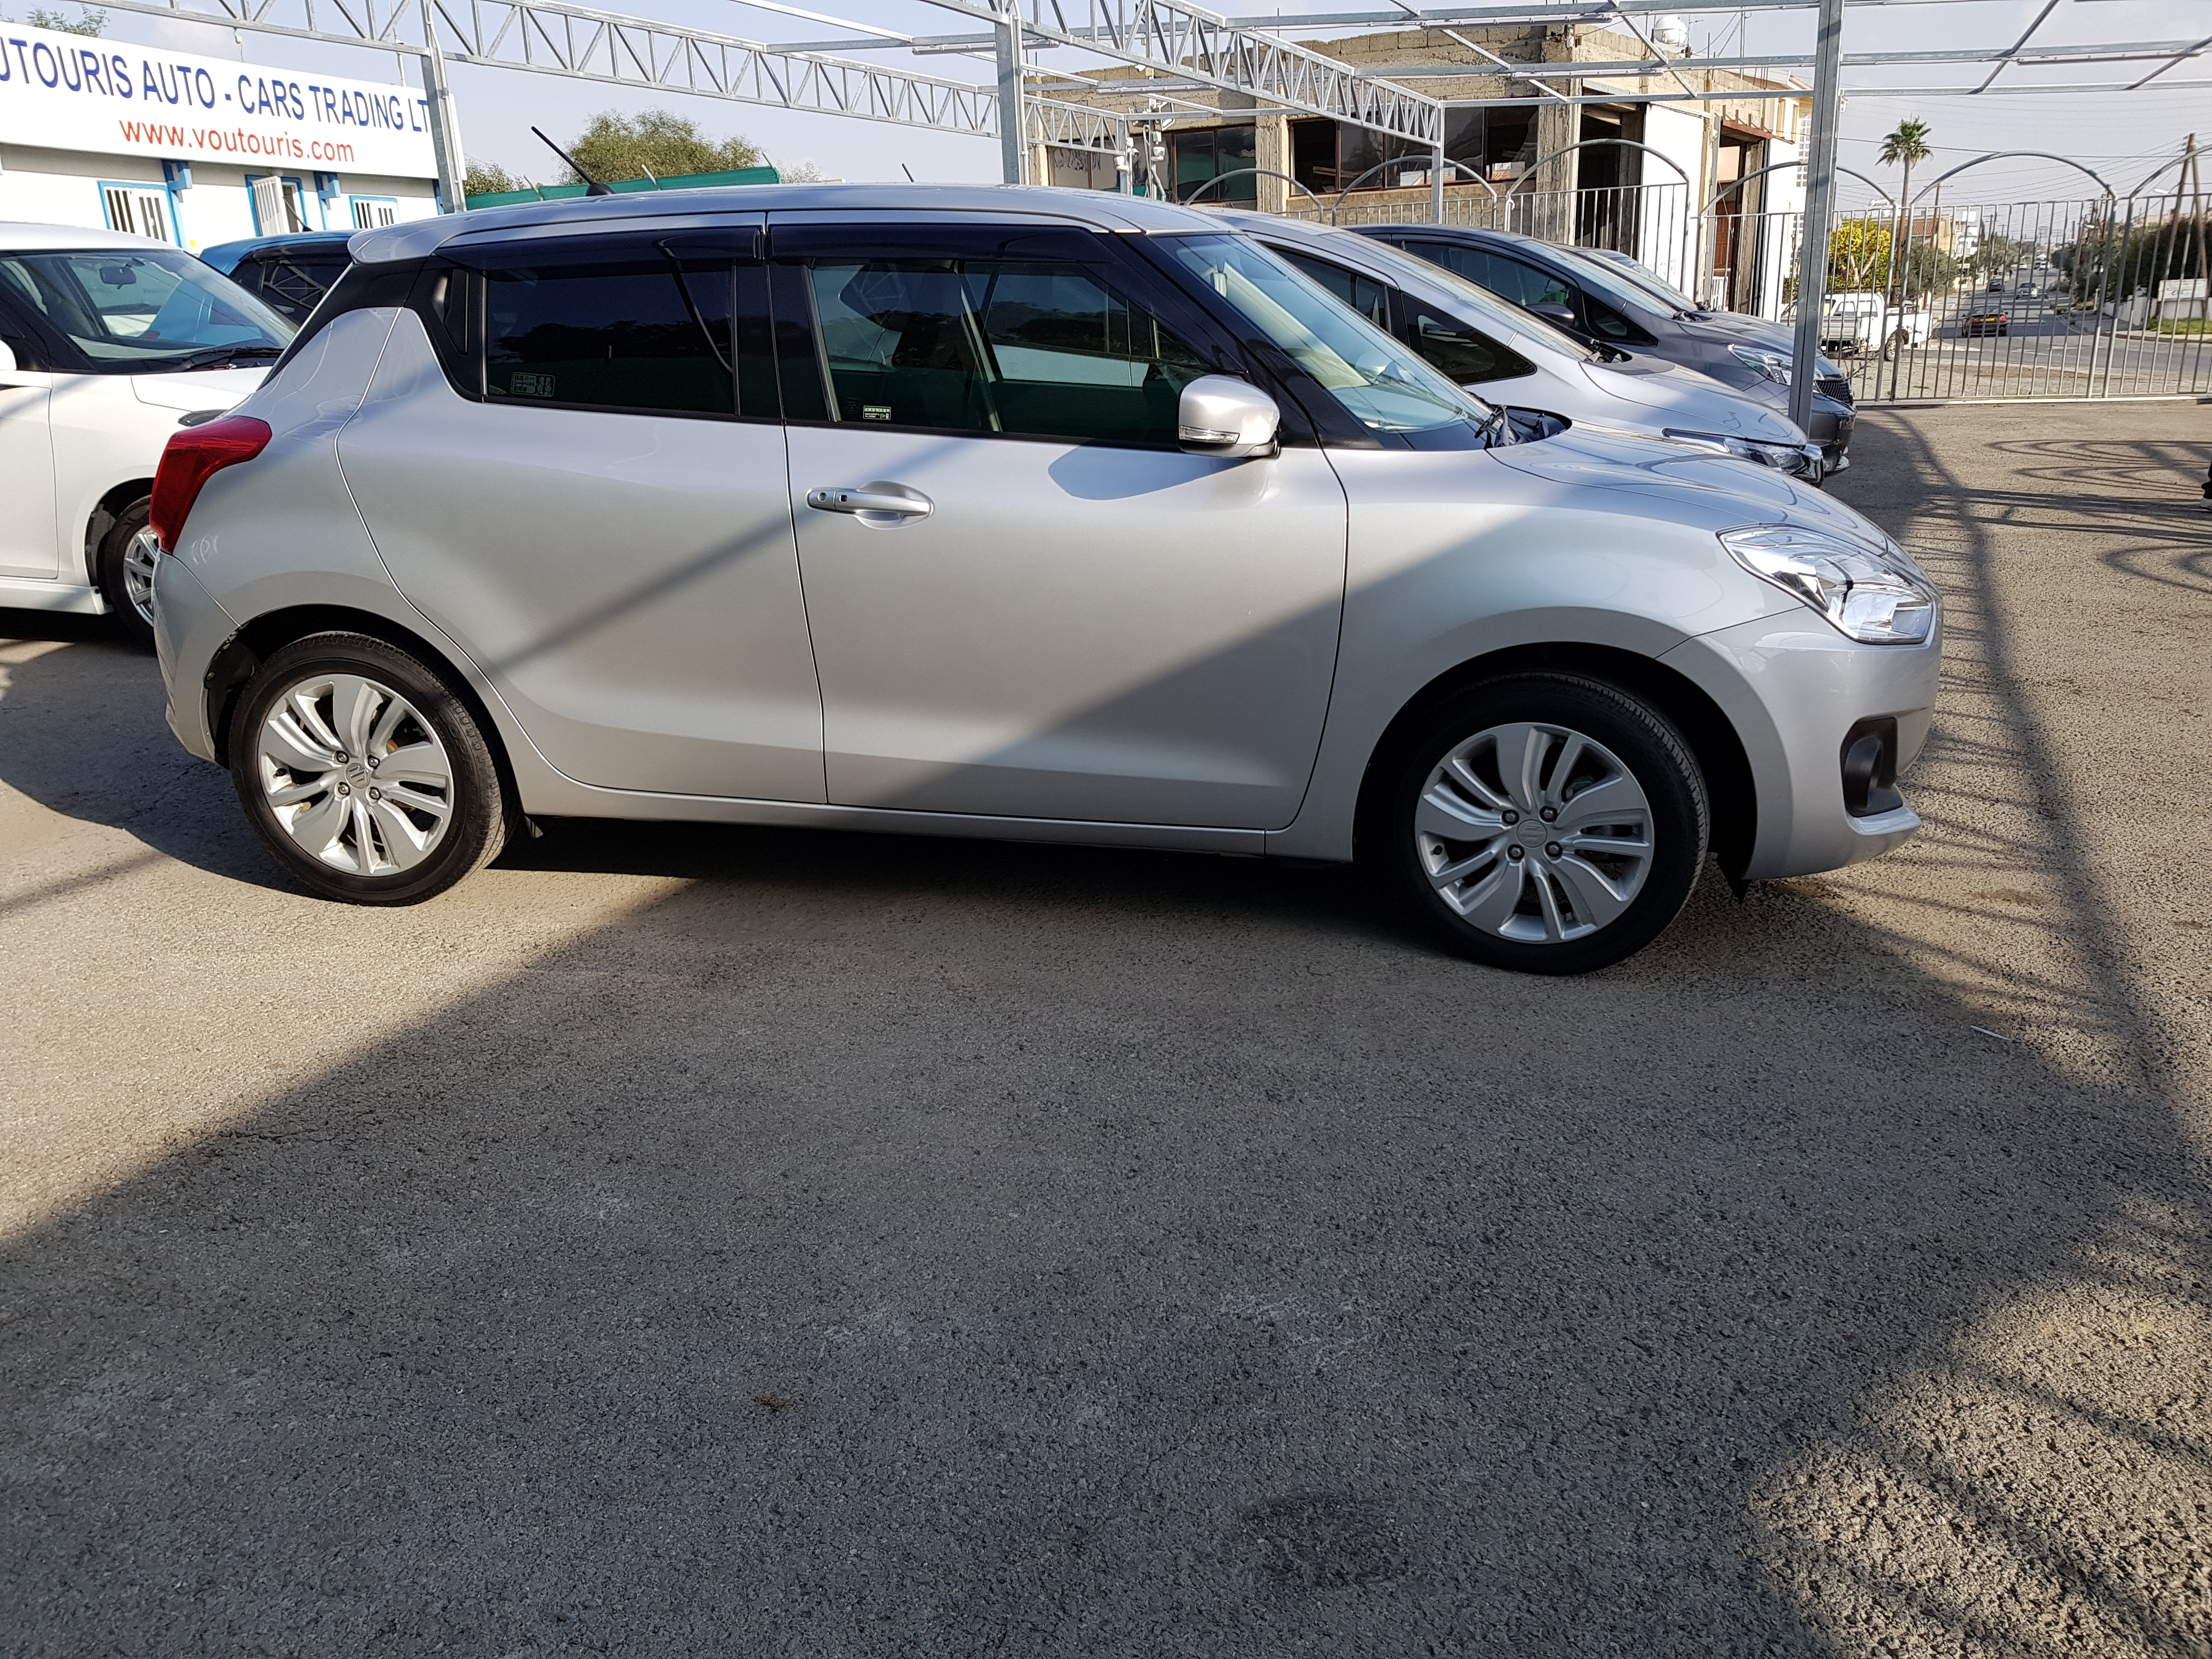 Suzuki Swift 2017 Silver 02